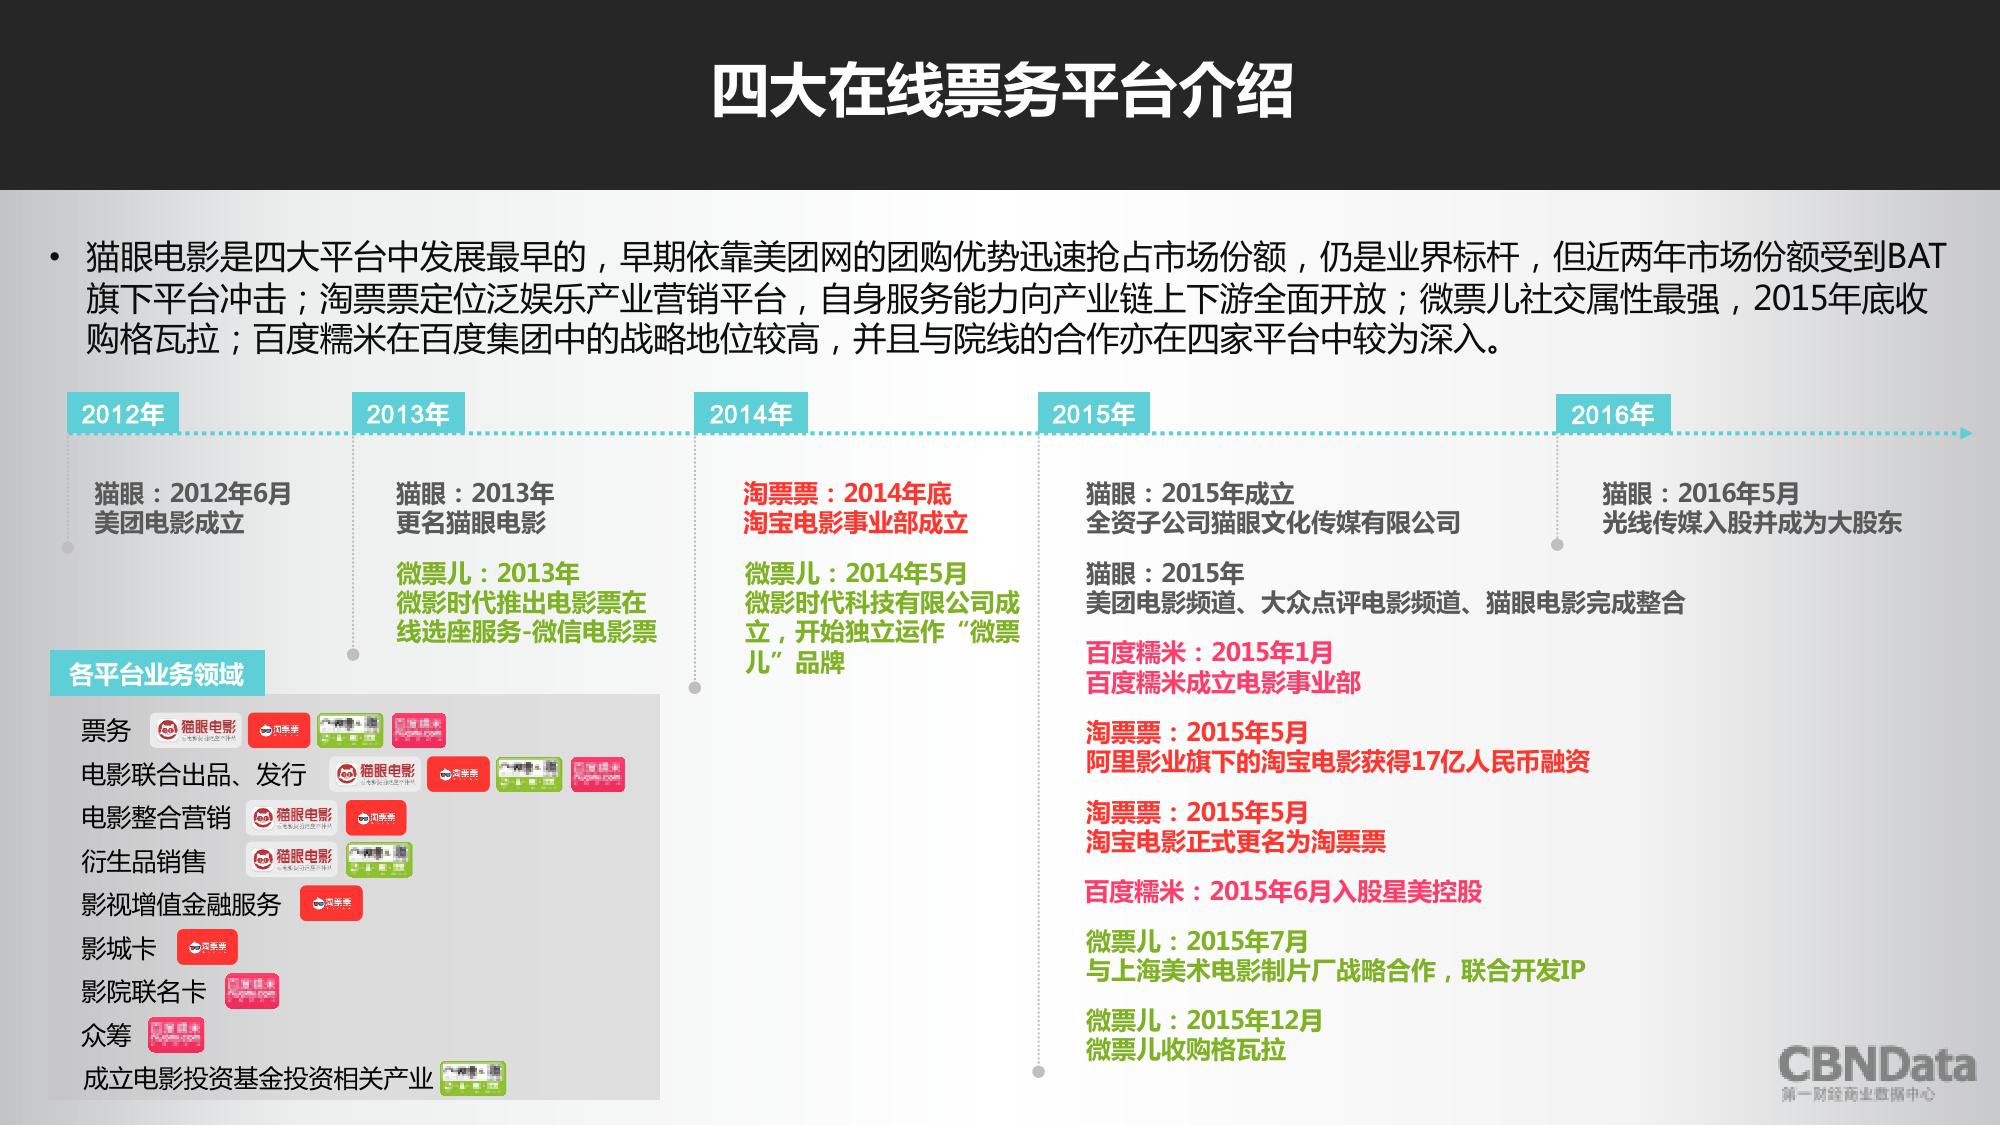 2016上半年中国在线票务平台大数据报告_000013